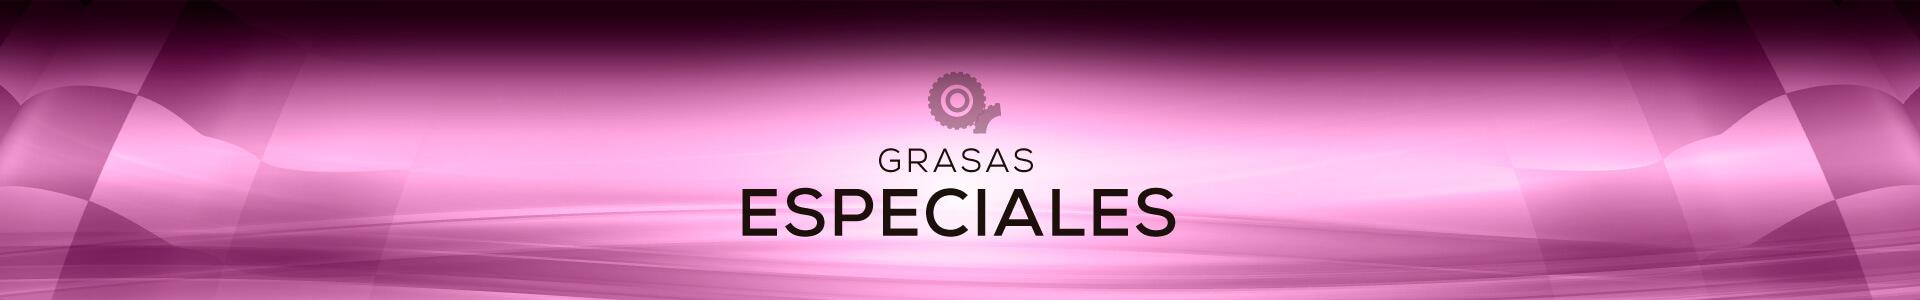 grasas_especiales-1920x300